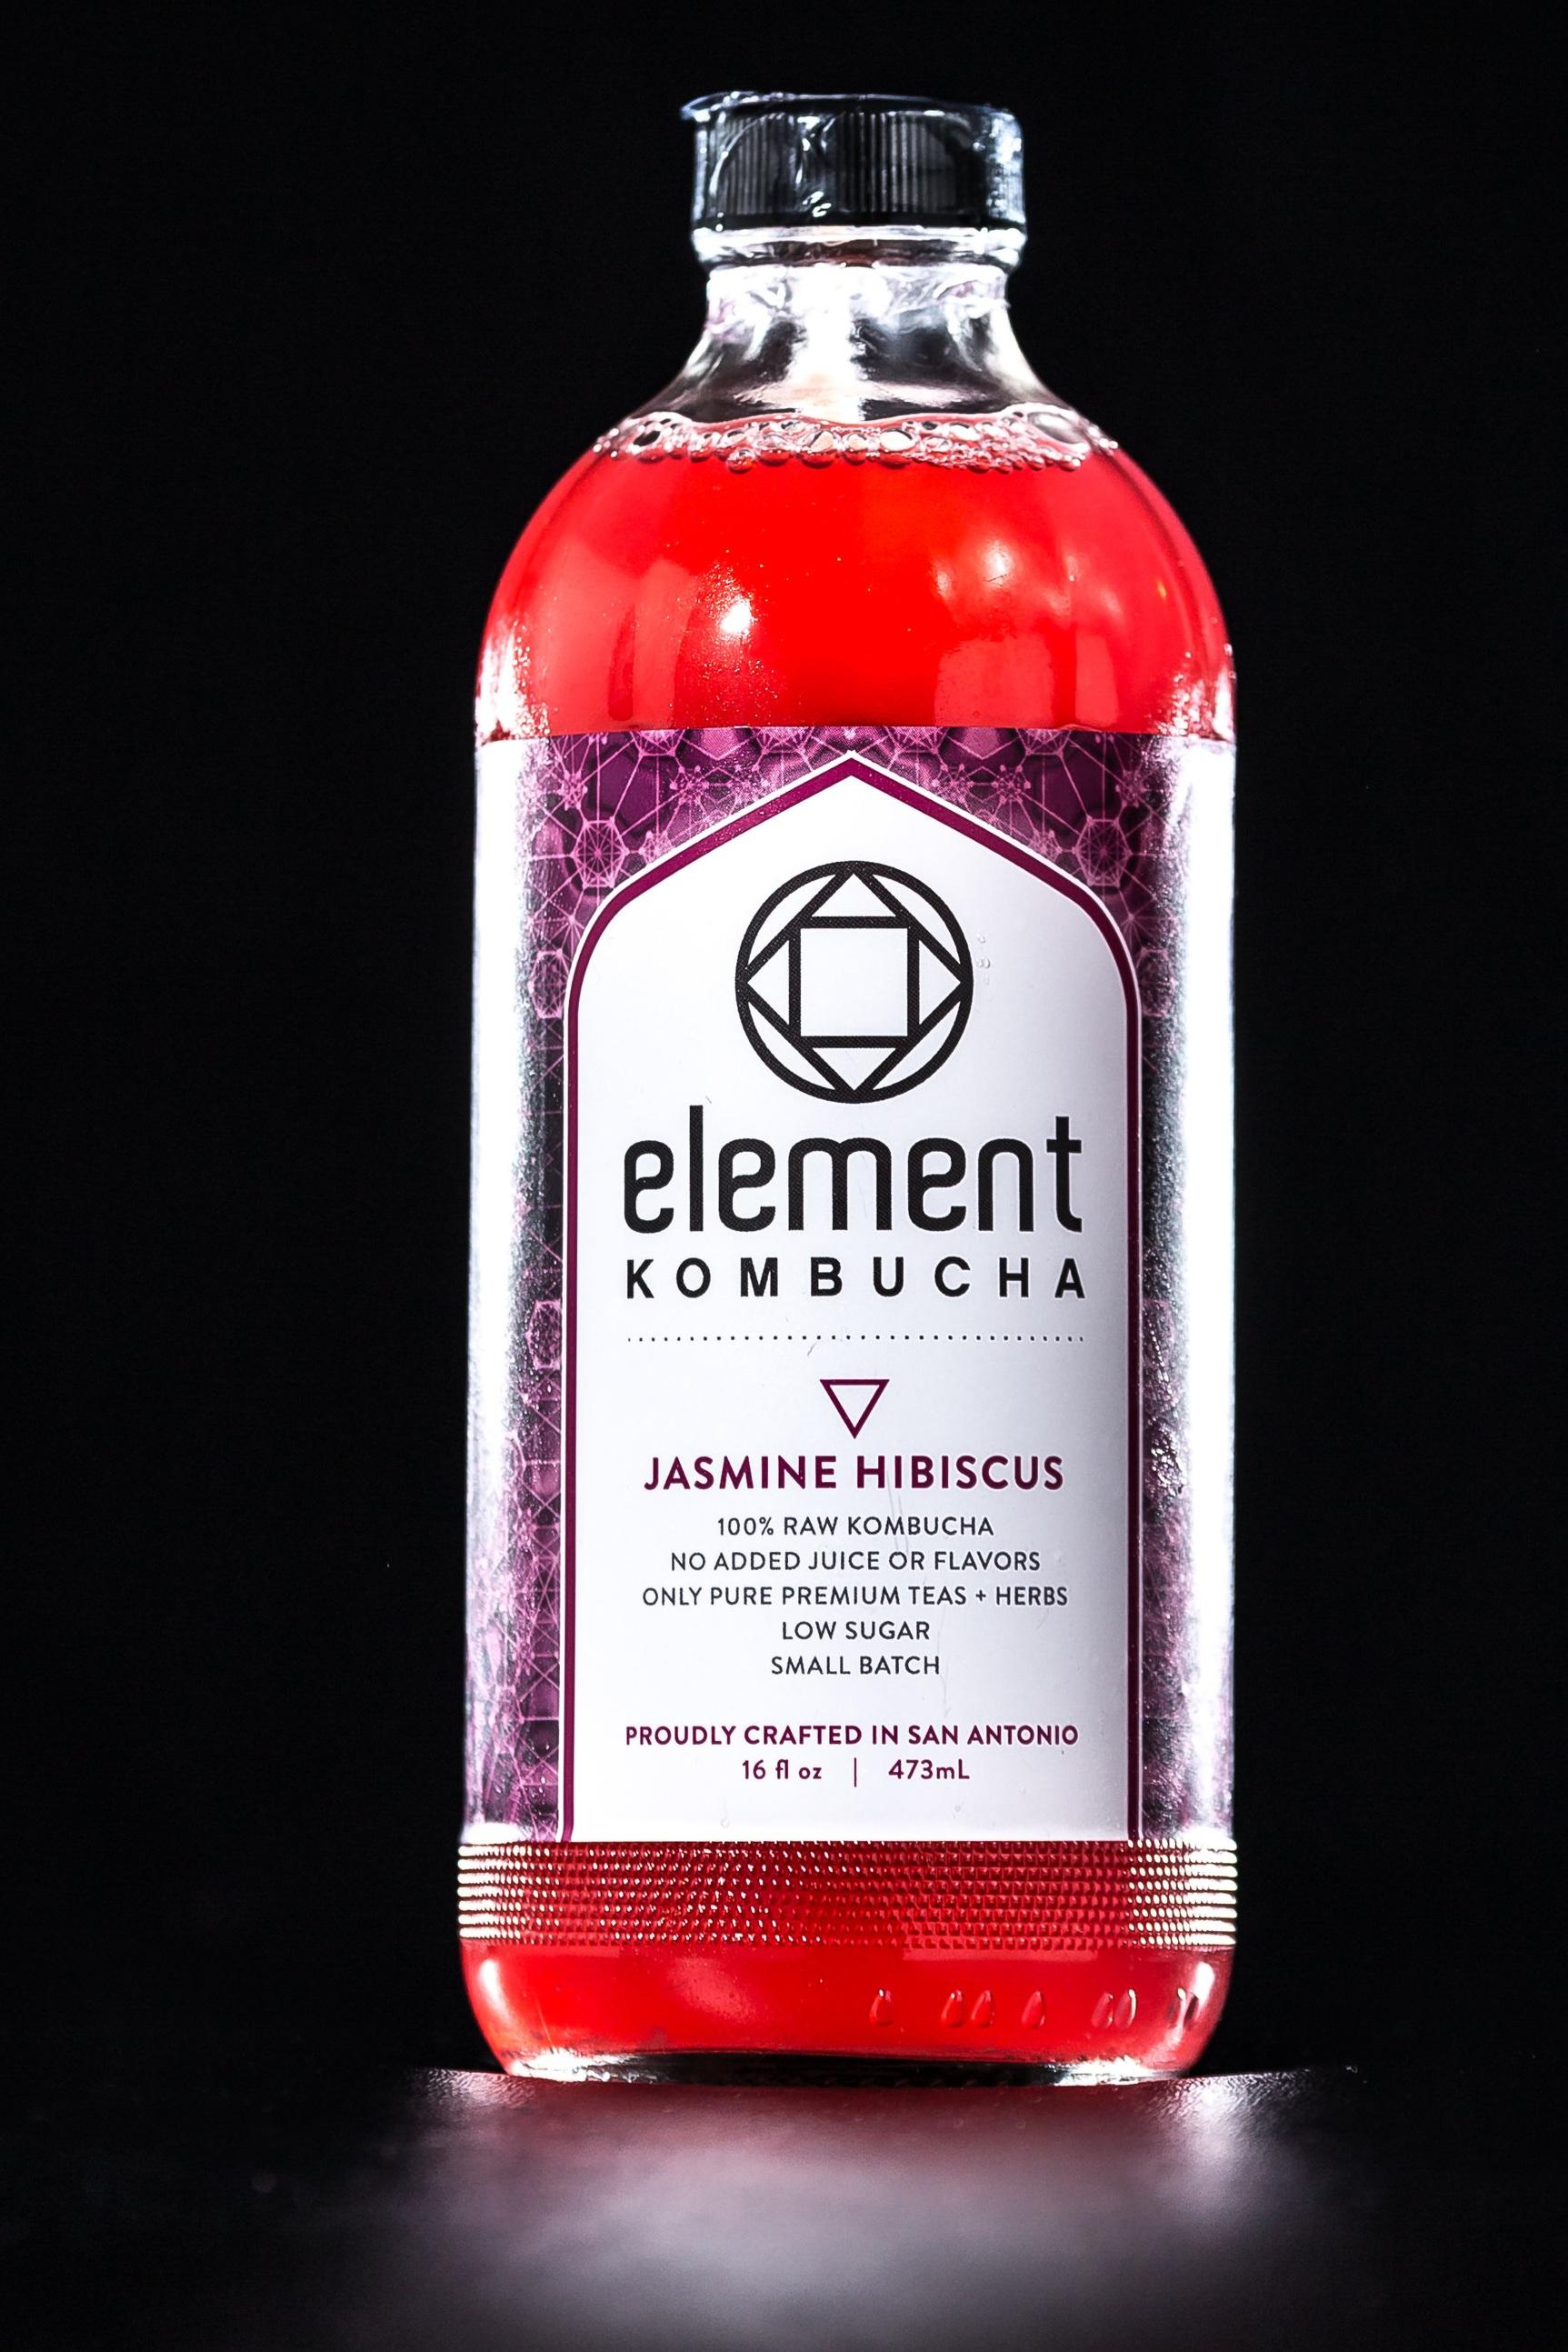 Element Kombucha Jasmine Hibiscus